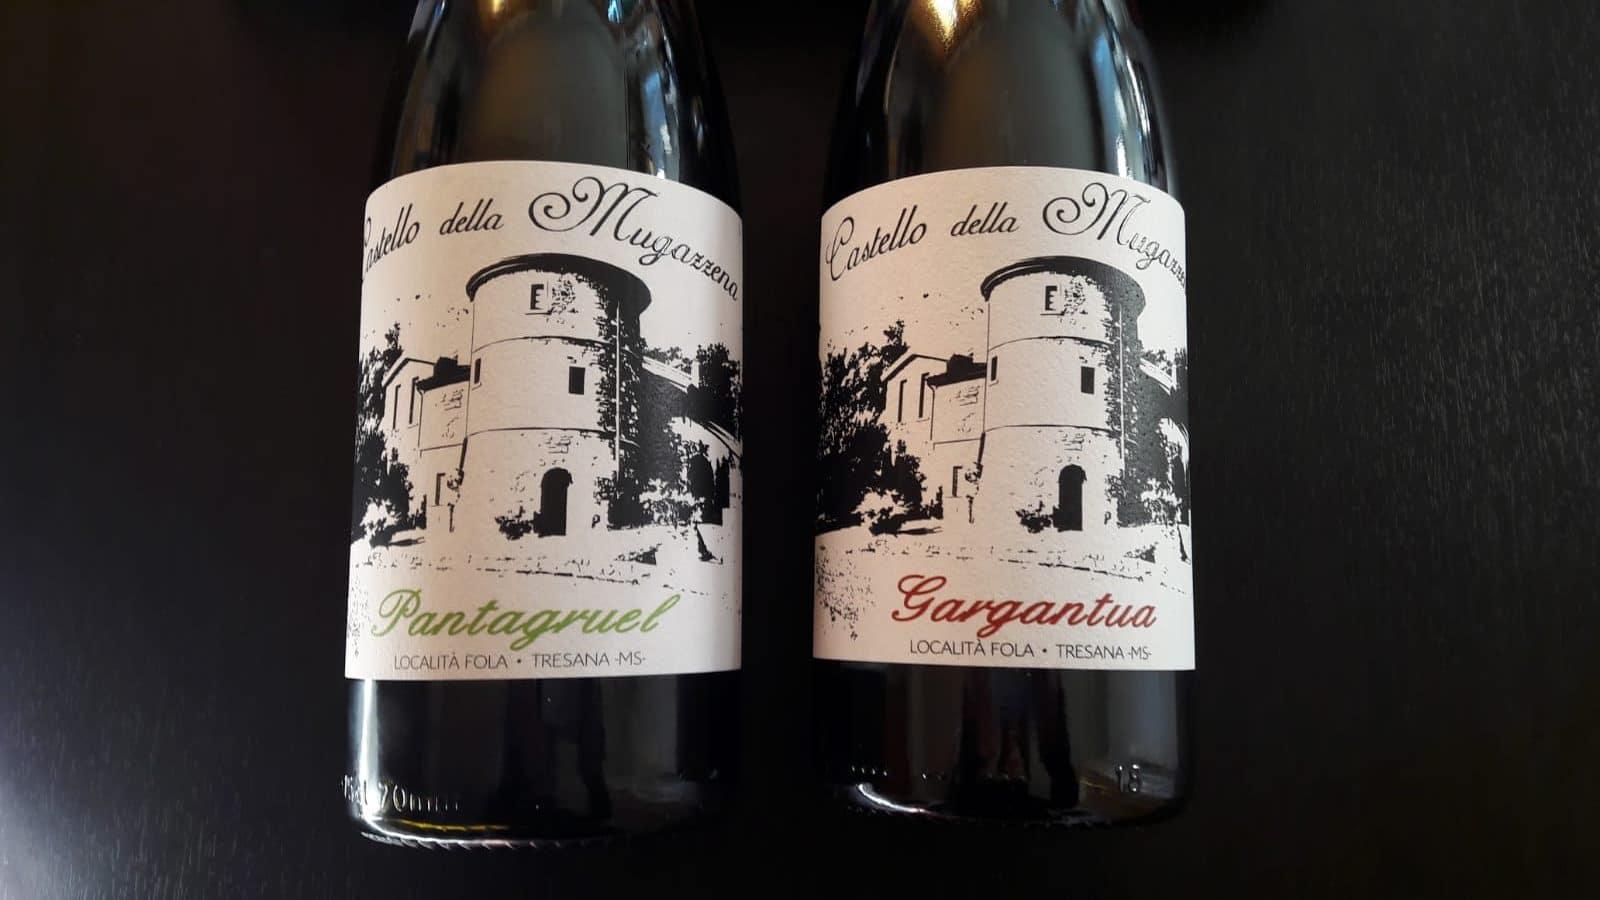 Smart tasting, con i Vini di Castello della Mugazzena, di Romanelli